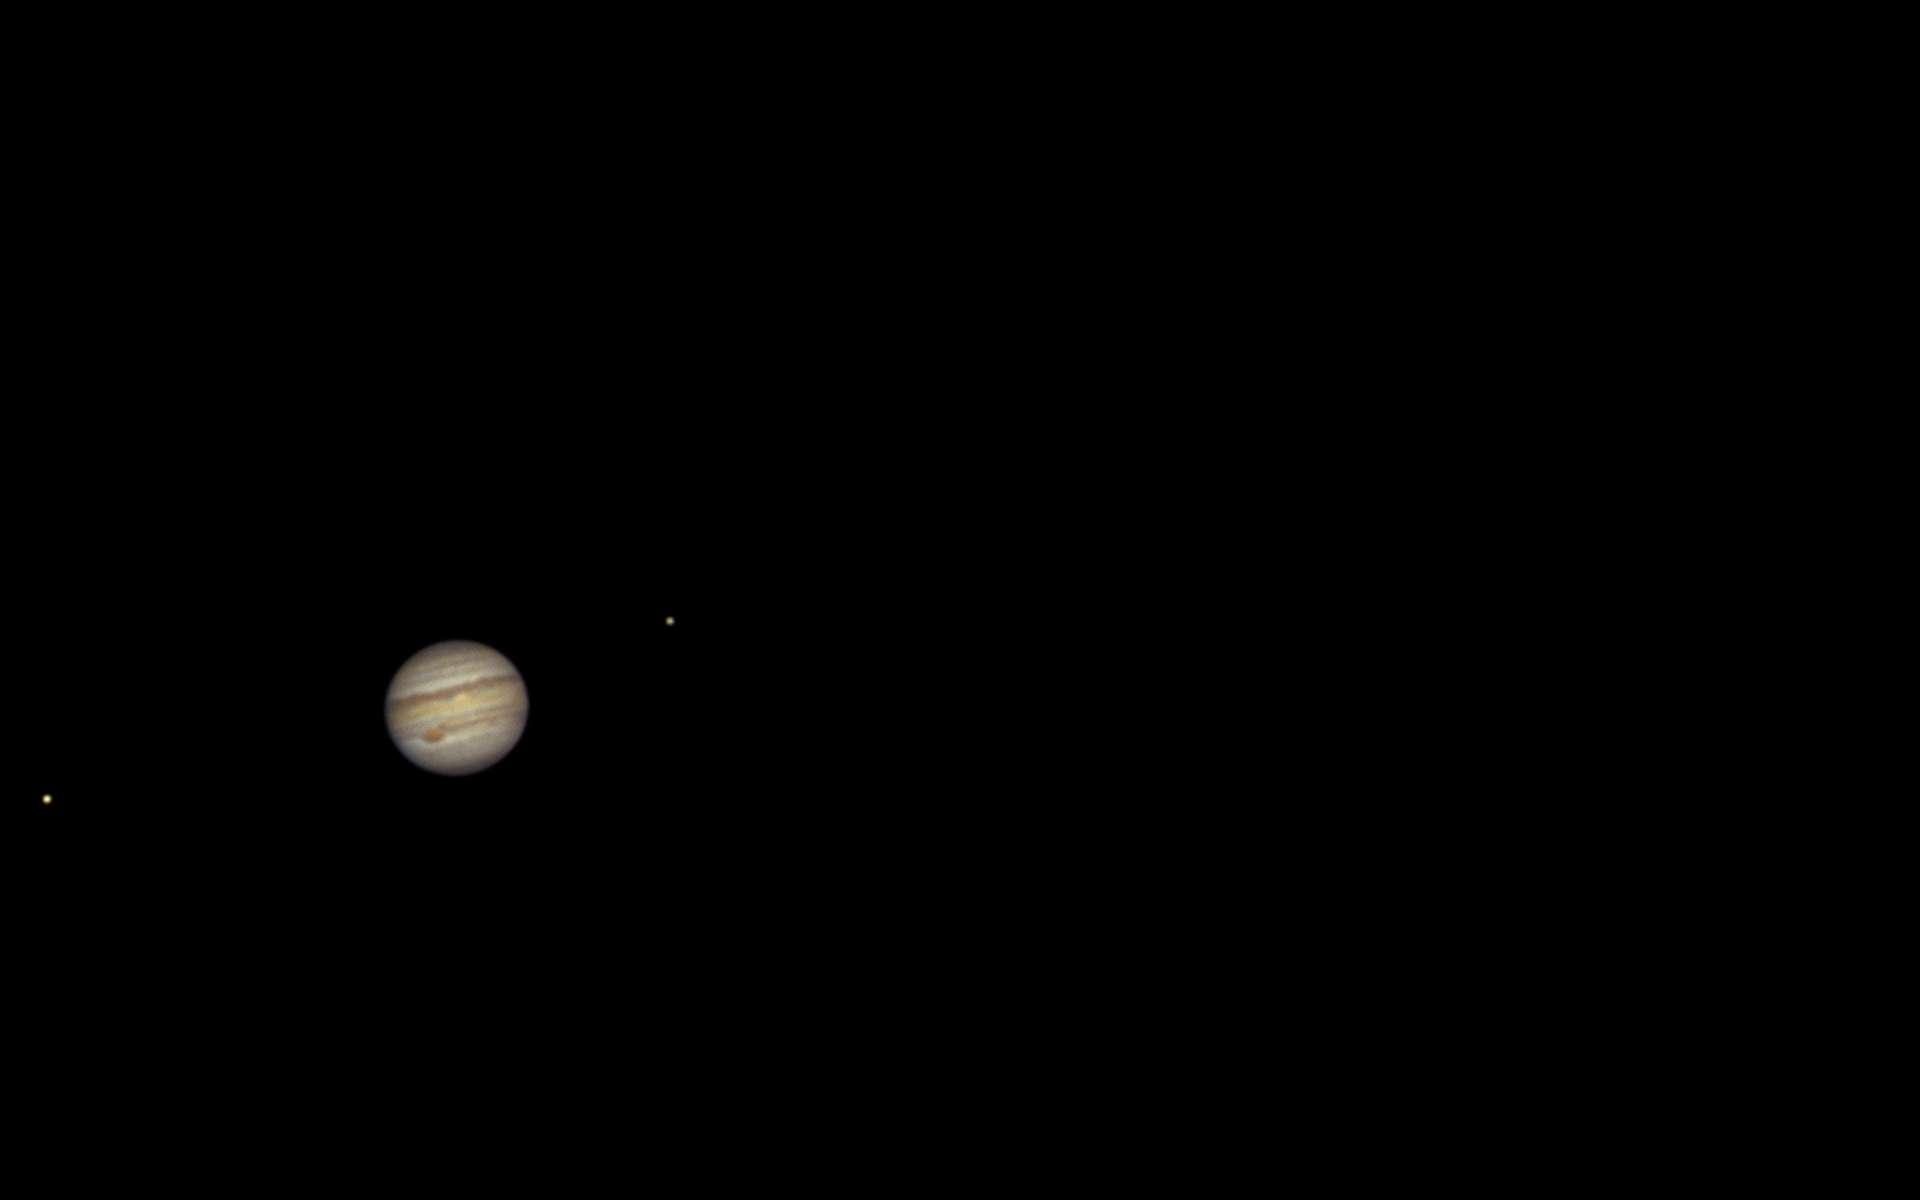 Jupiter et ses quatre plus grandes lunes. La plus éloignée, à droite, est Callisto. Vous pouvez voir les satellites galiléens avec une pare de jumelles. Avec une lunette ou un télescope, sans grossissement important, vous pouvez admirer les bandes équatoriales de la géante gazeuse et aussi sa Grande tache rouge. © David Hajnal, Adobe Stock